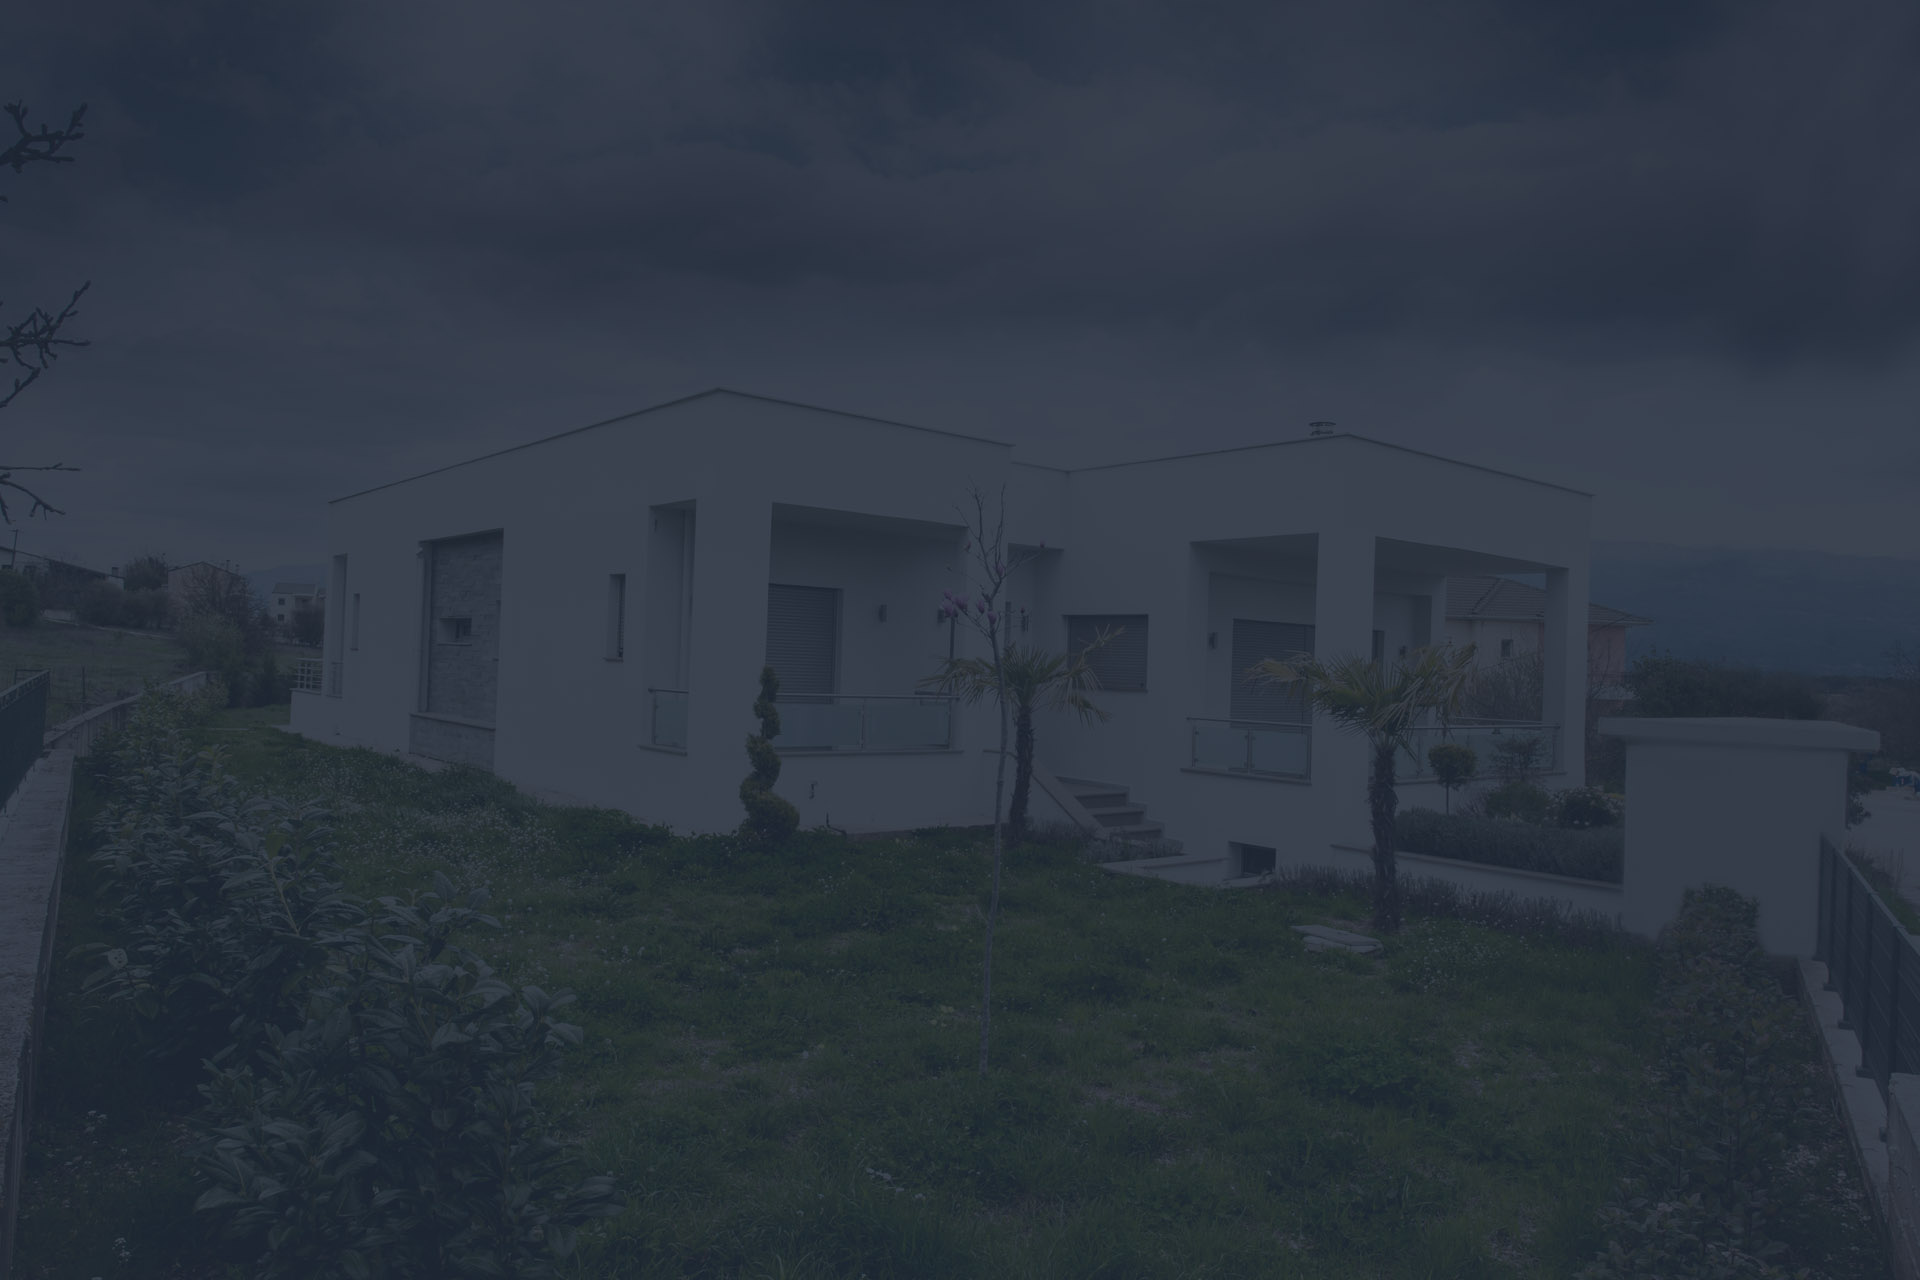 Ιδιόκτητη μονοκατοικία στο Νεοχωρόπουλο